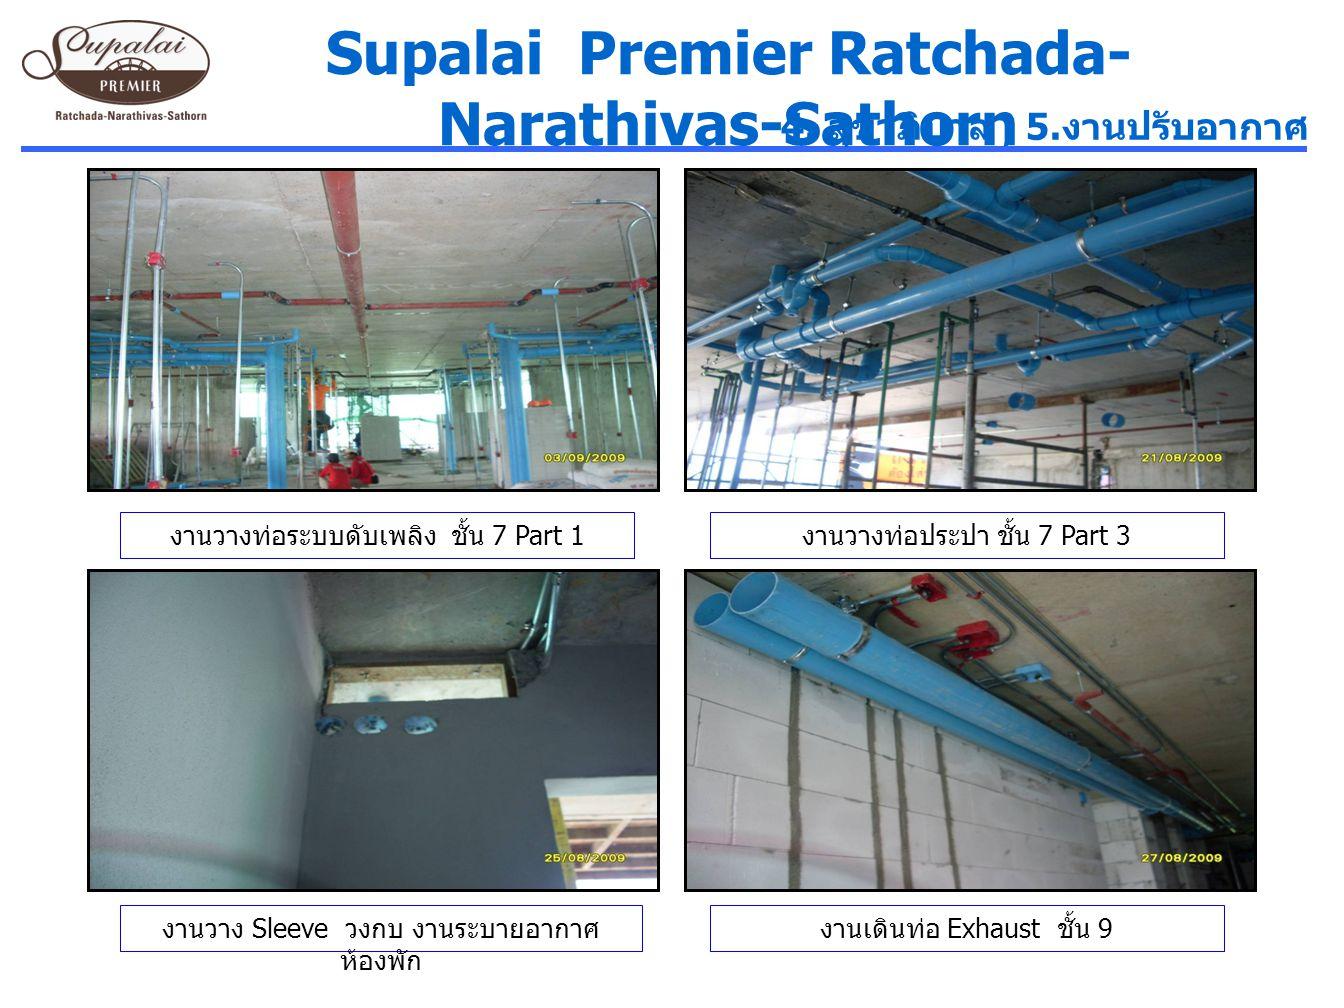 งานวางท่อระบบดับเพลิง ชั้น 7 Part 1 งานวางท่อประปา ชั้น 7 Part 3 Supalai Premier Ratchada- Narathivas-Sathorn 4. สุขาภิบาล, 5. งานปรับอากาศ งานวาง Sle